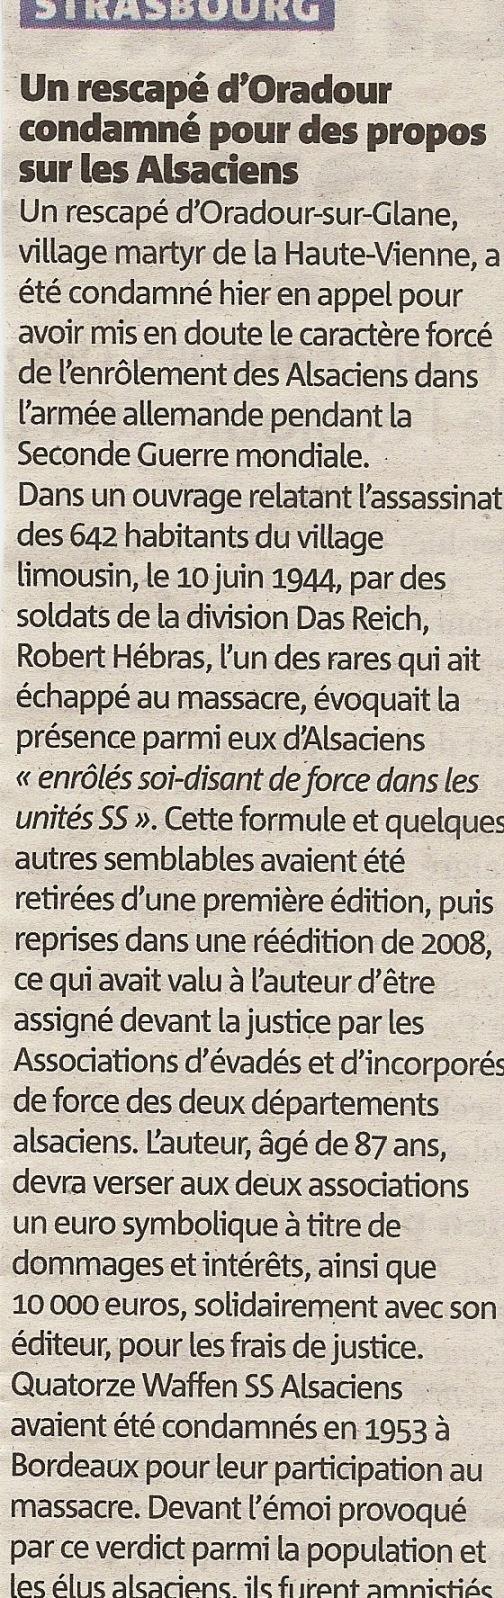 Le massacre d'Oradour-sur-Glane (Haute-Vienne) - Page 2 33cyahl